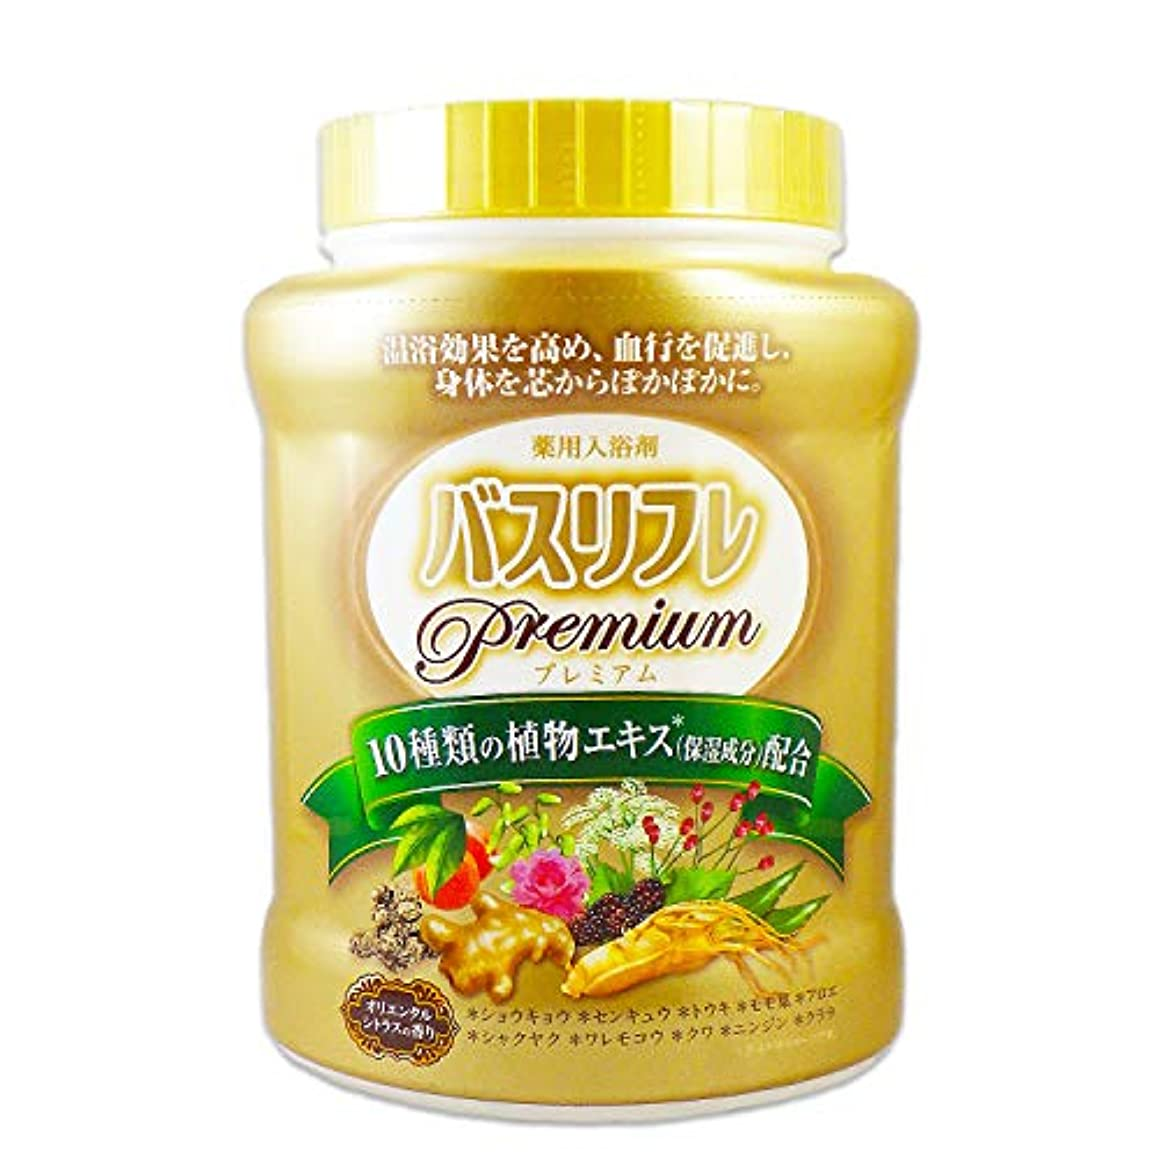 味贅沢なハッピーライオンケミカル バスリフレ 薬用入浴剤プレミアム 680g [医薬部外品]